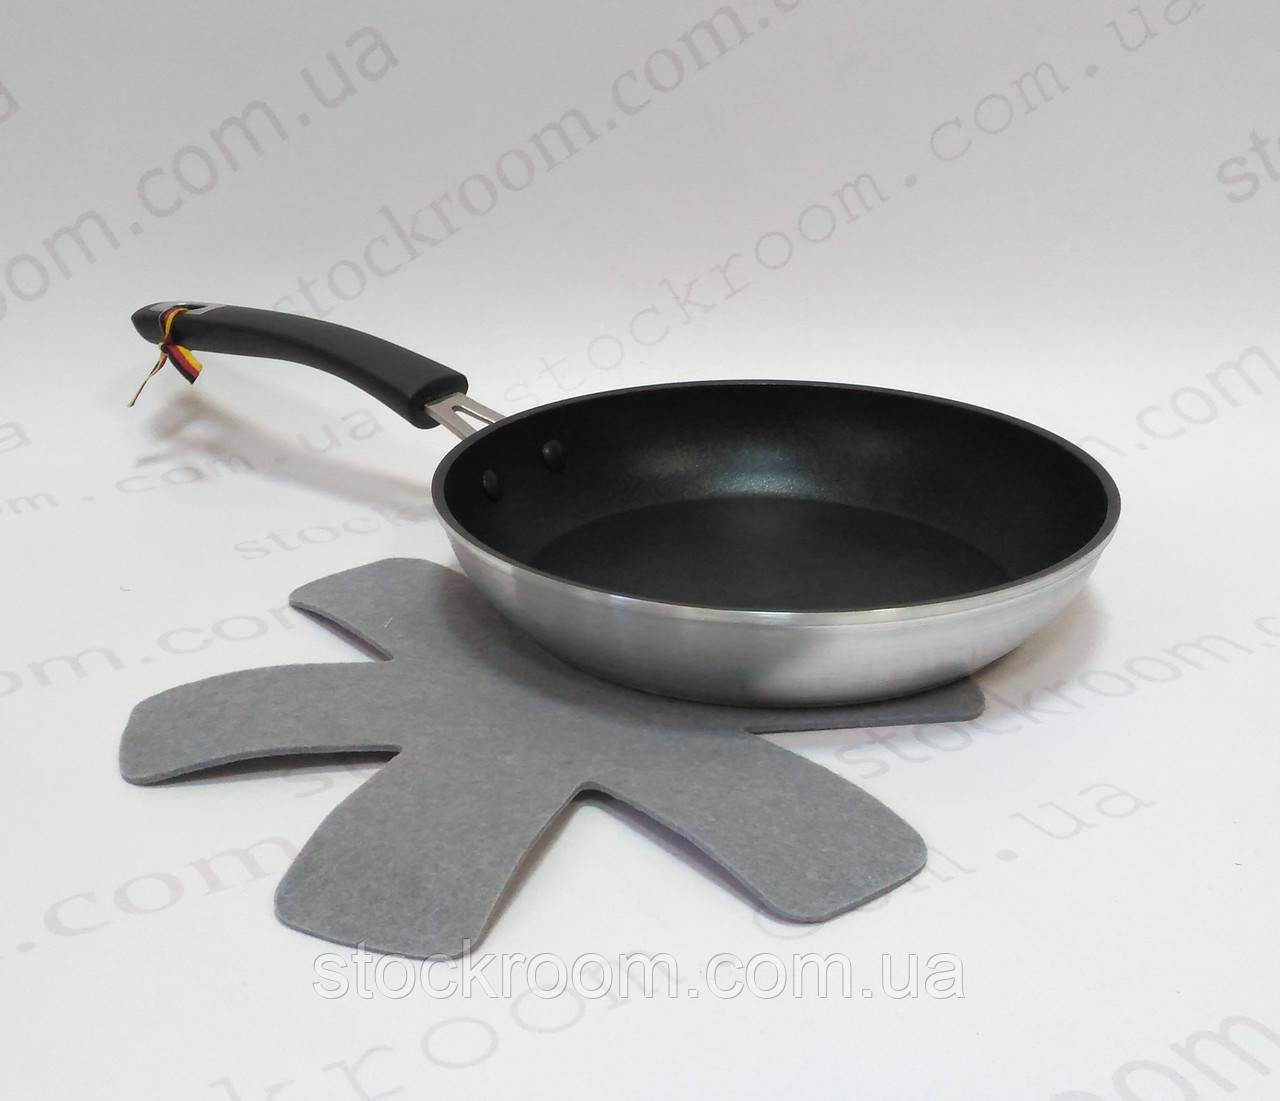 Сковорода с антипригарным покрытием Profi Ø 24 см Krauff